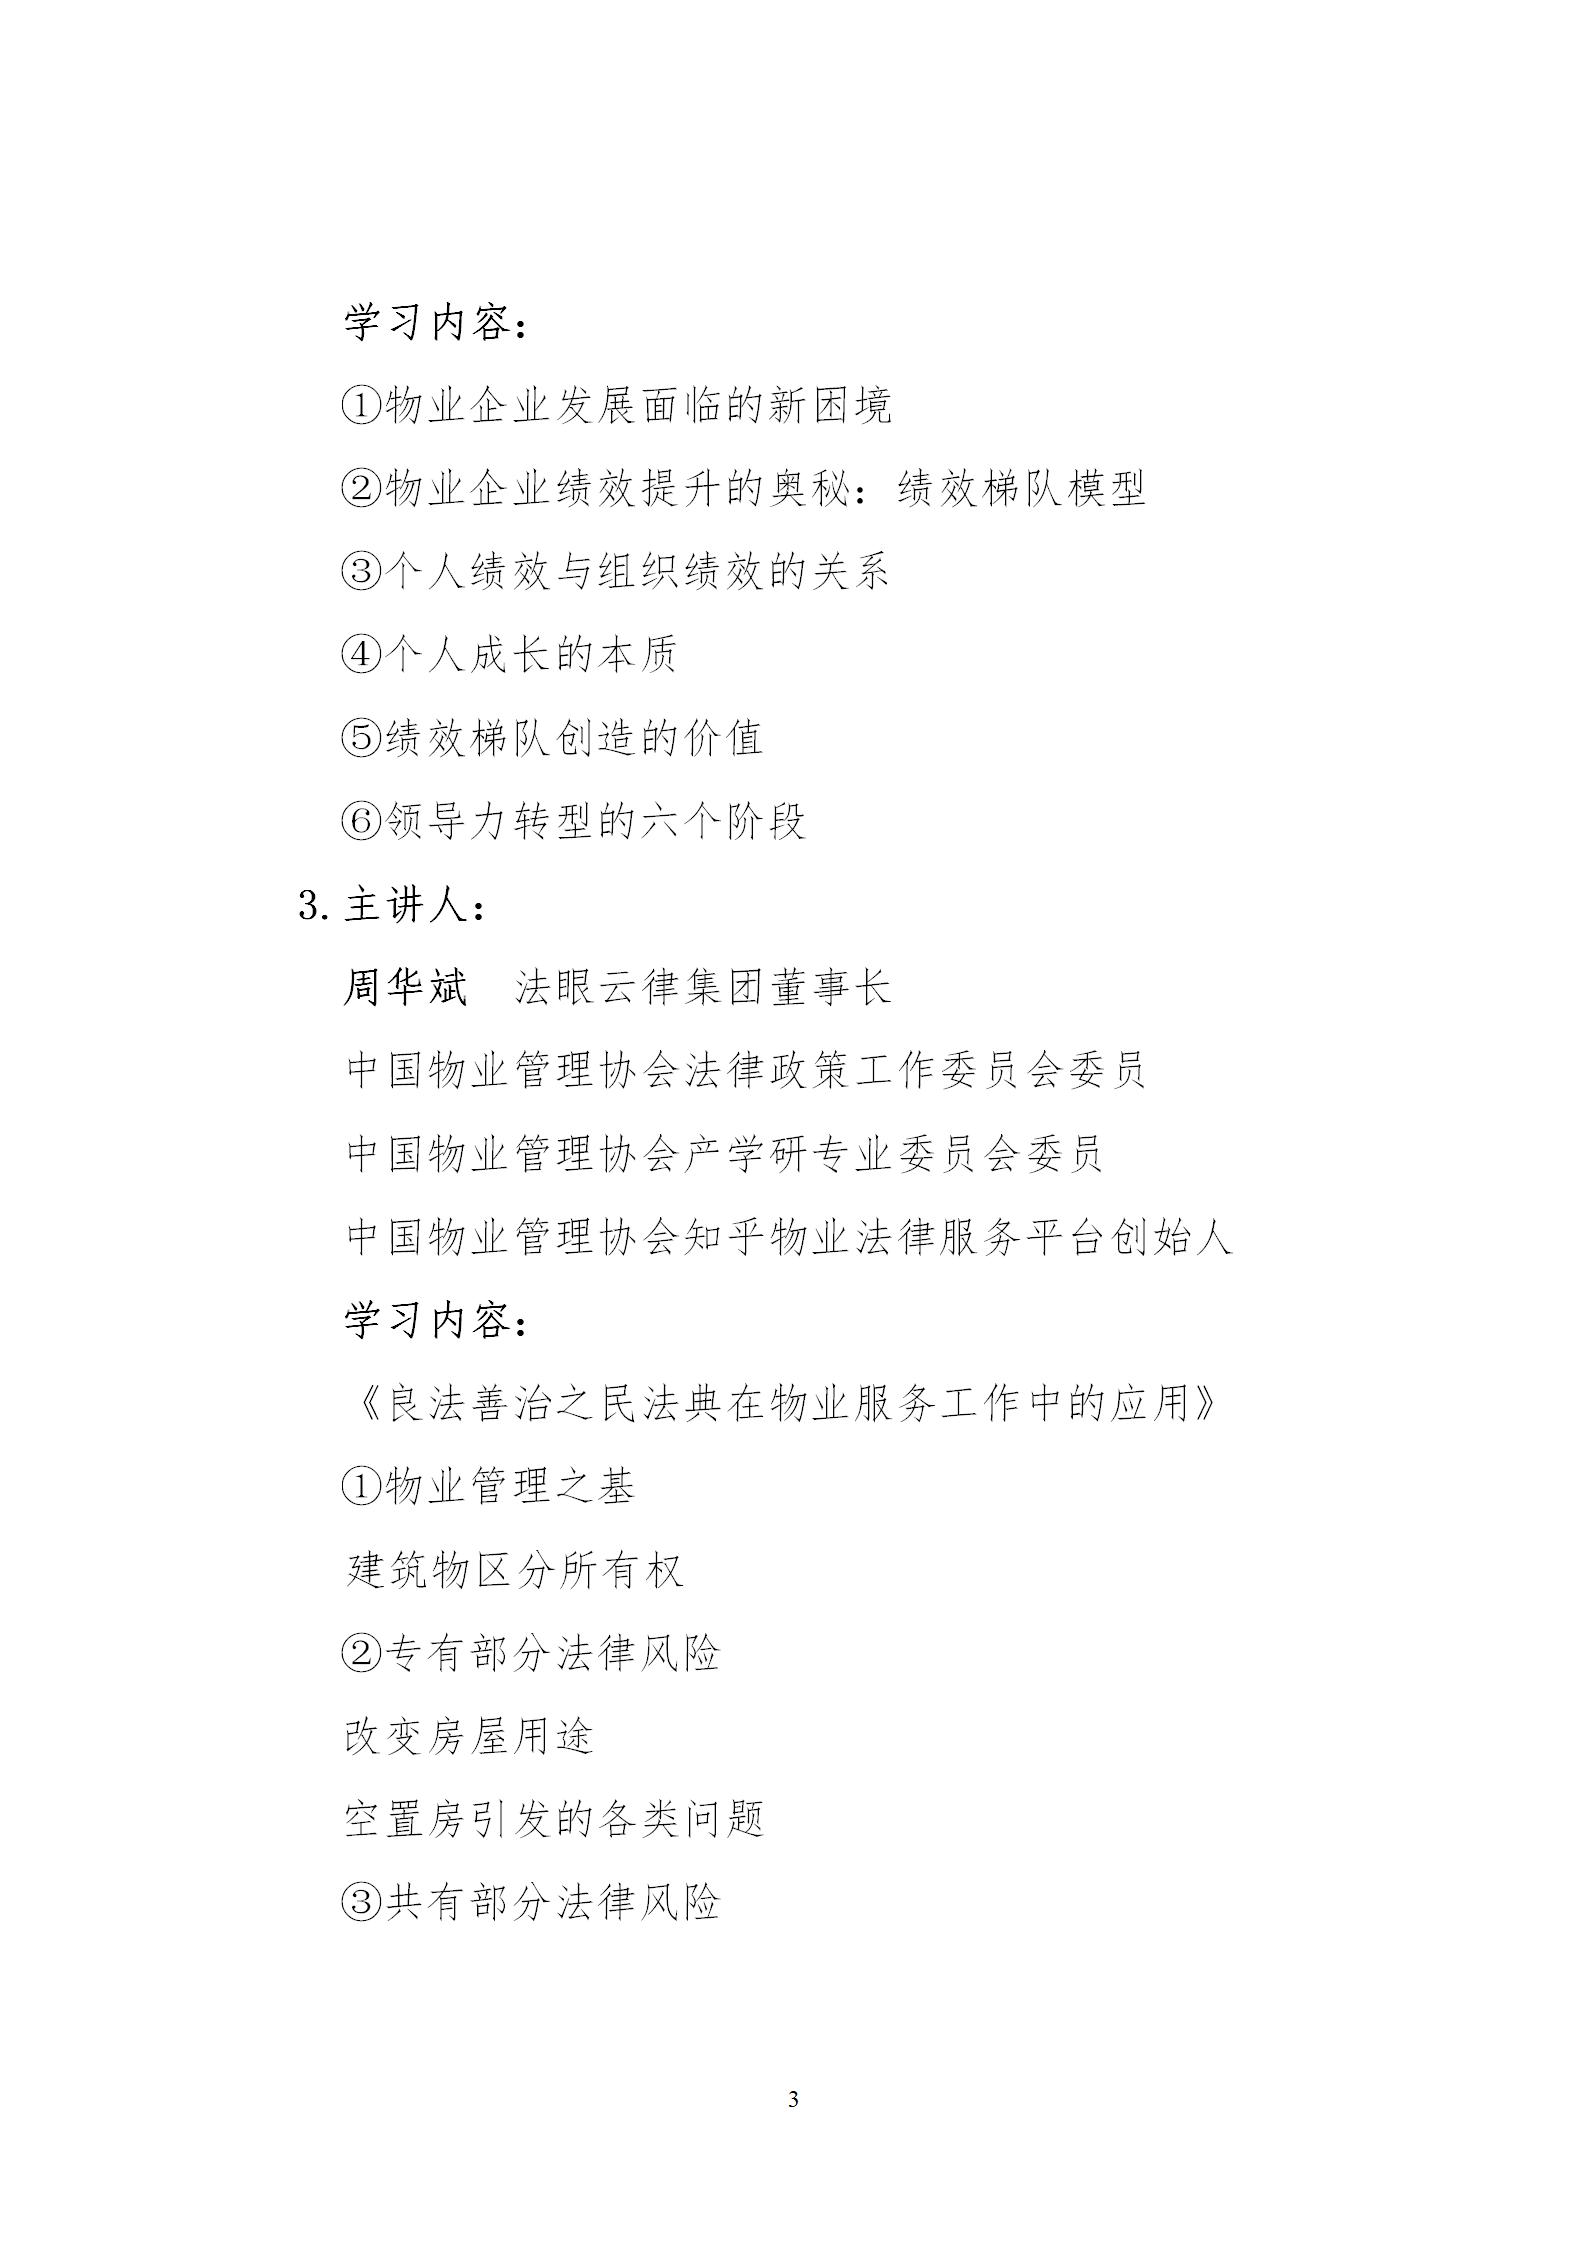 洪物协字[2020]13号关于举办南昌市物业管理行业专家高级研修班的通知_03.png